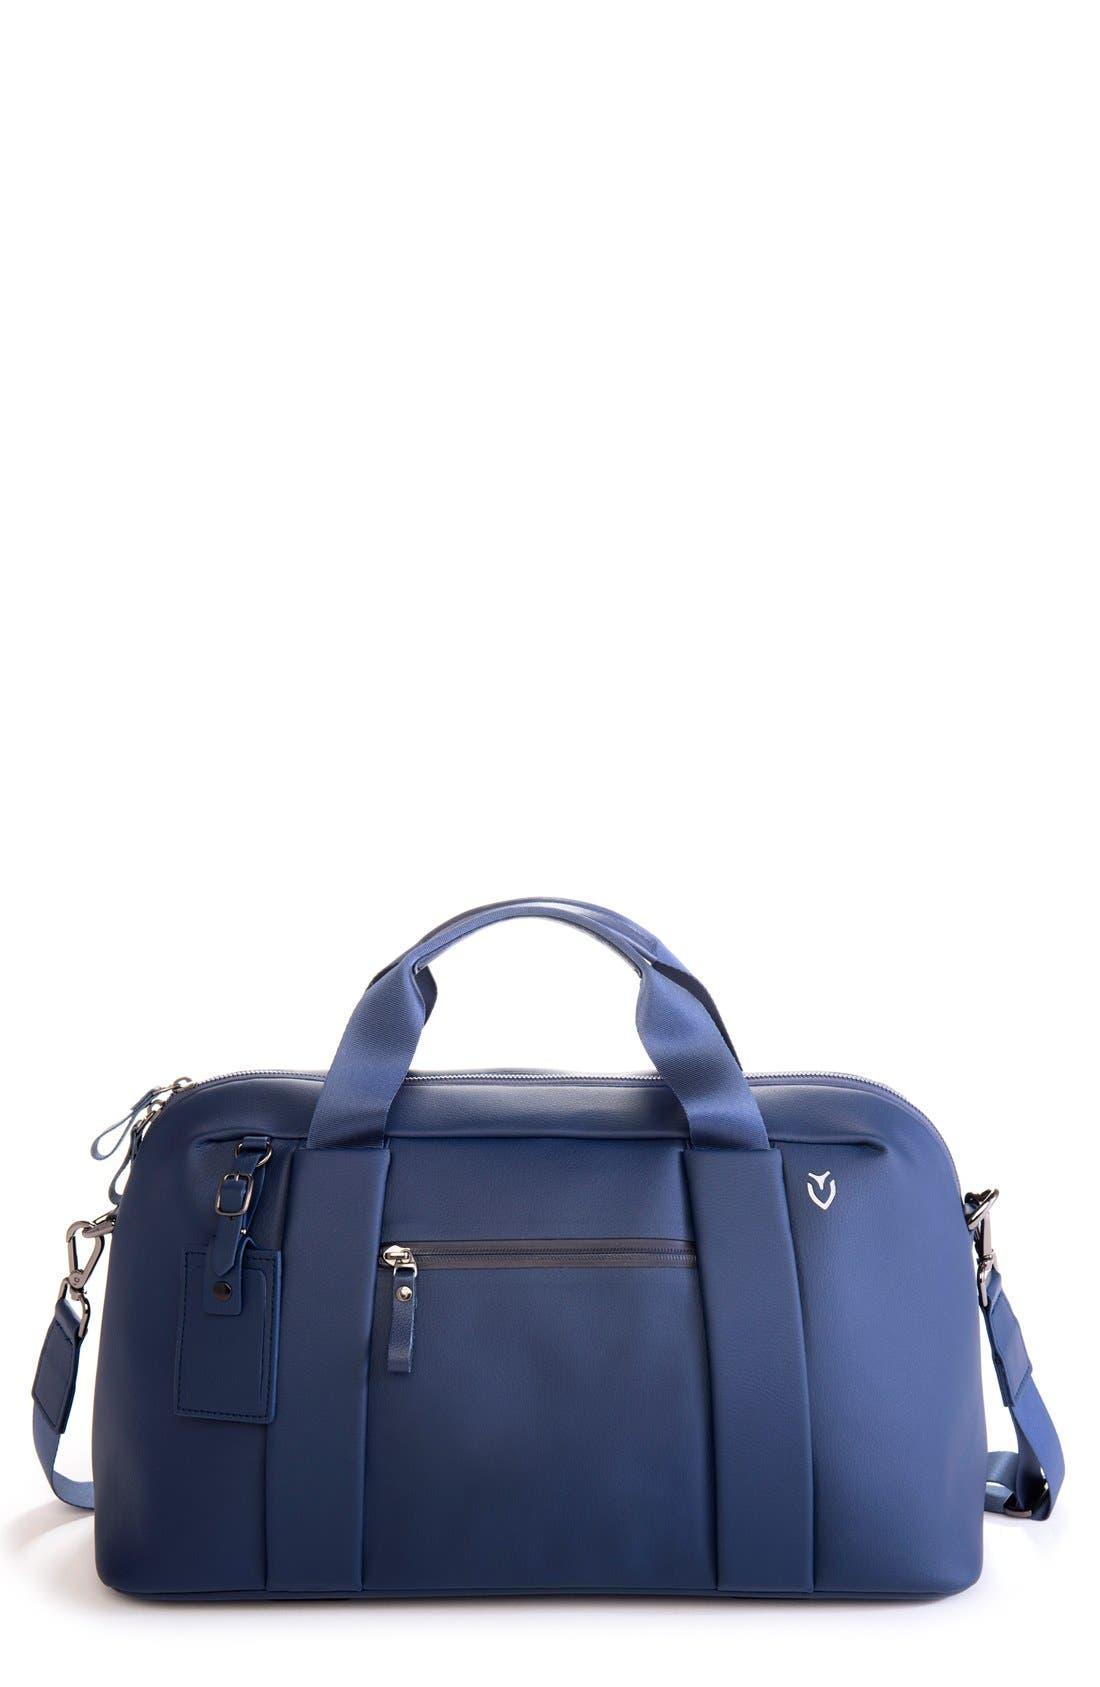 VESSEL,                             'Signature' Medium Duffel Bag,                             Main thumbnail 1, color,                             400